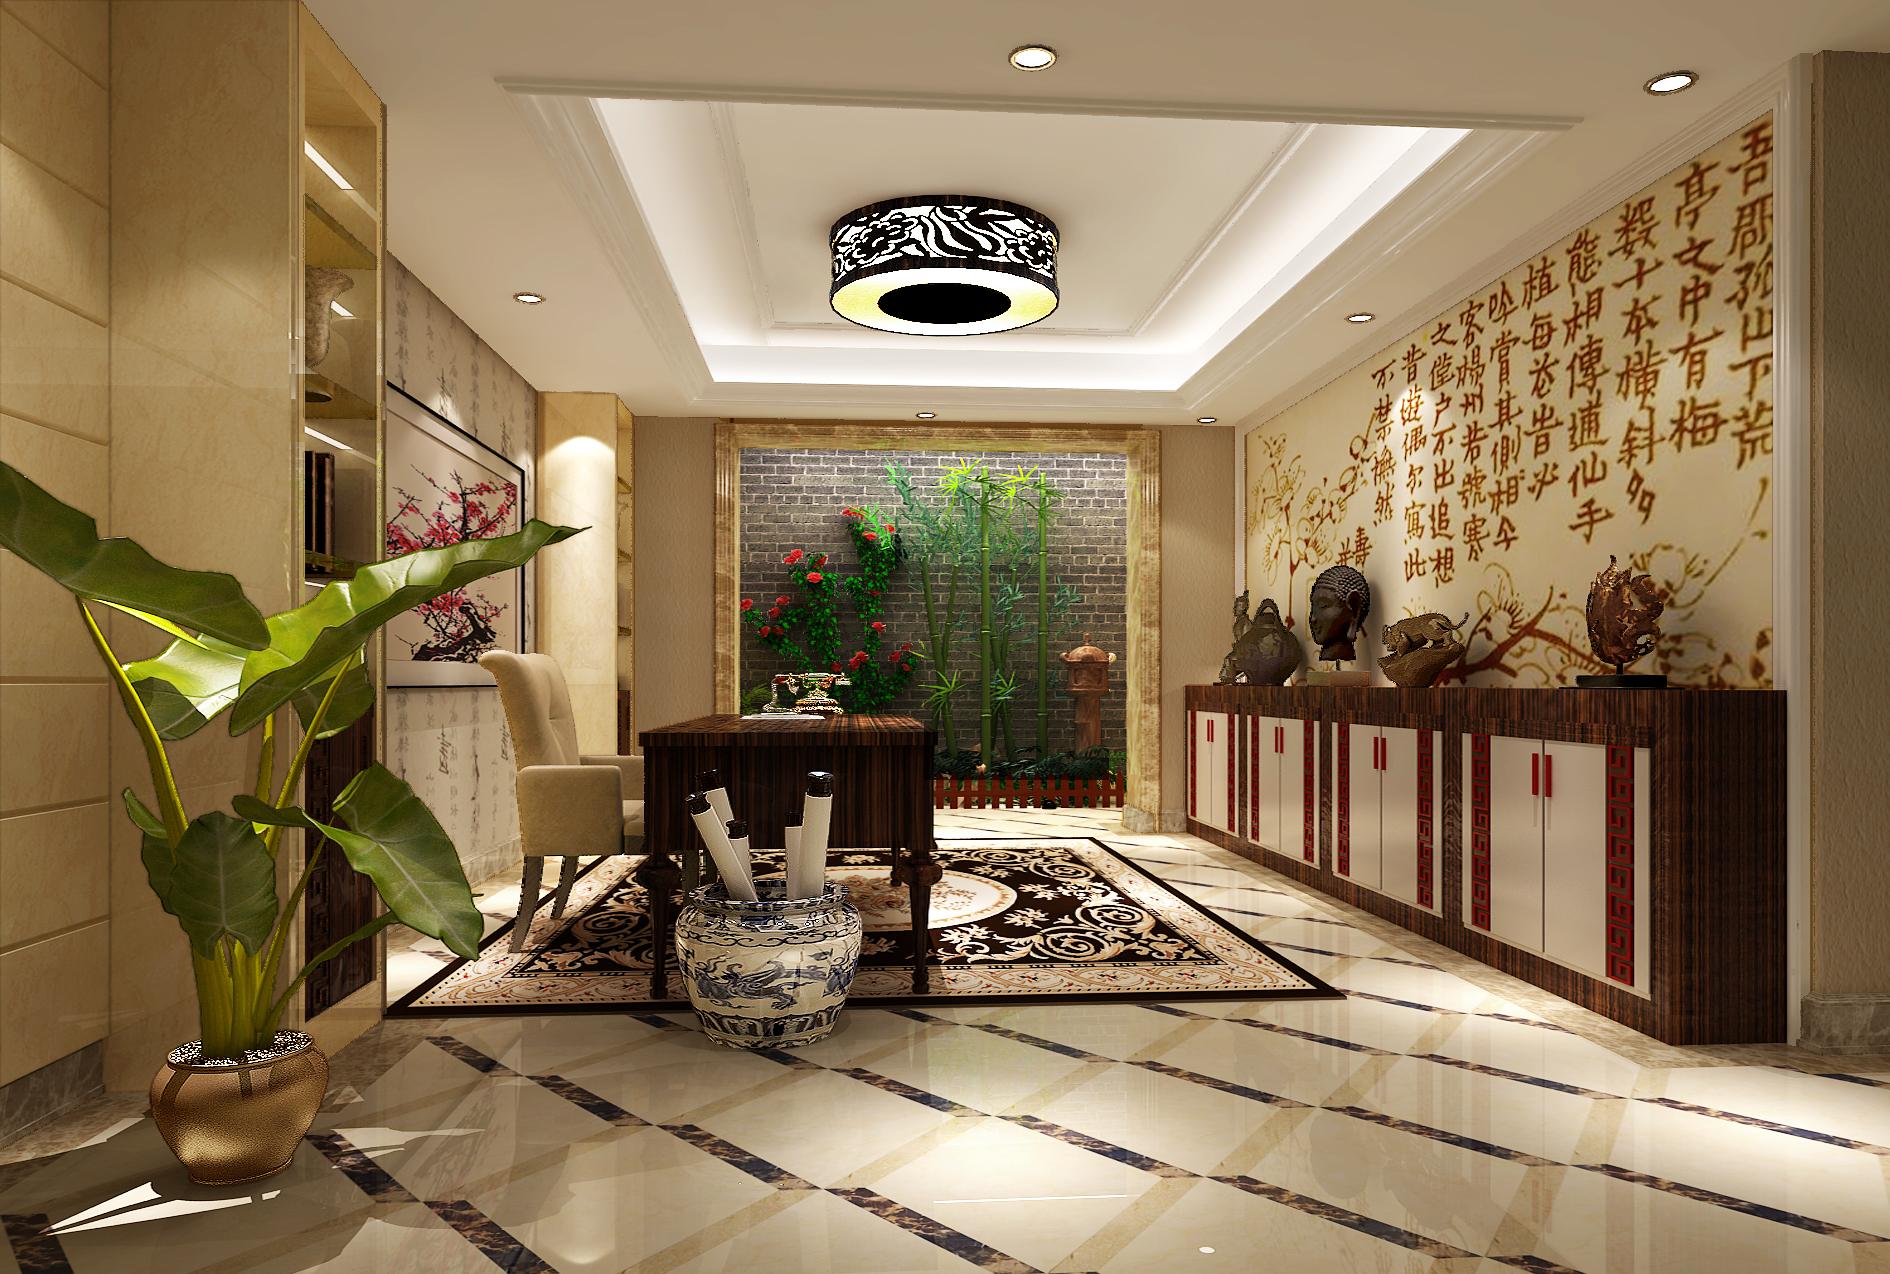 简约 欧式 别墅图片来自高度国际装饰黄帅在40万打造完美简欧的分享